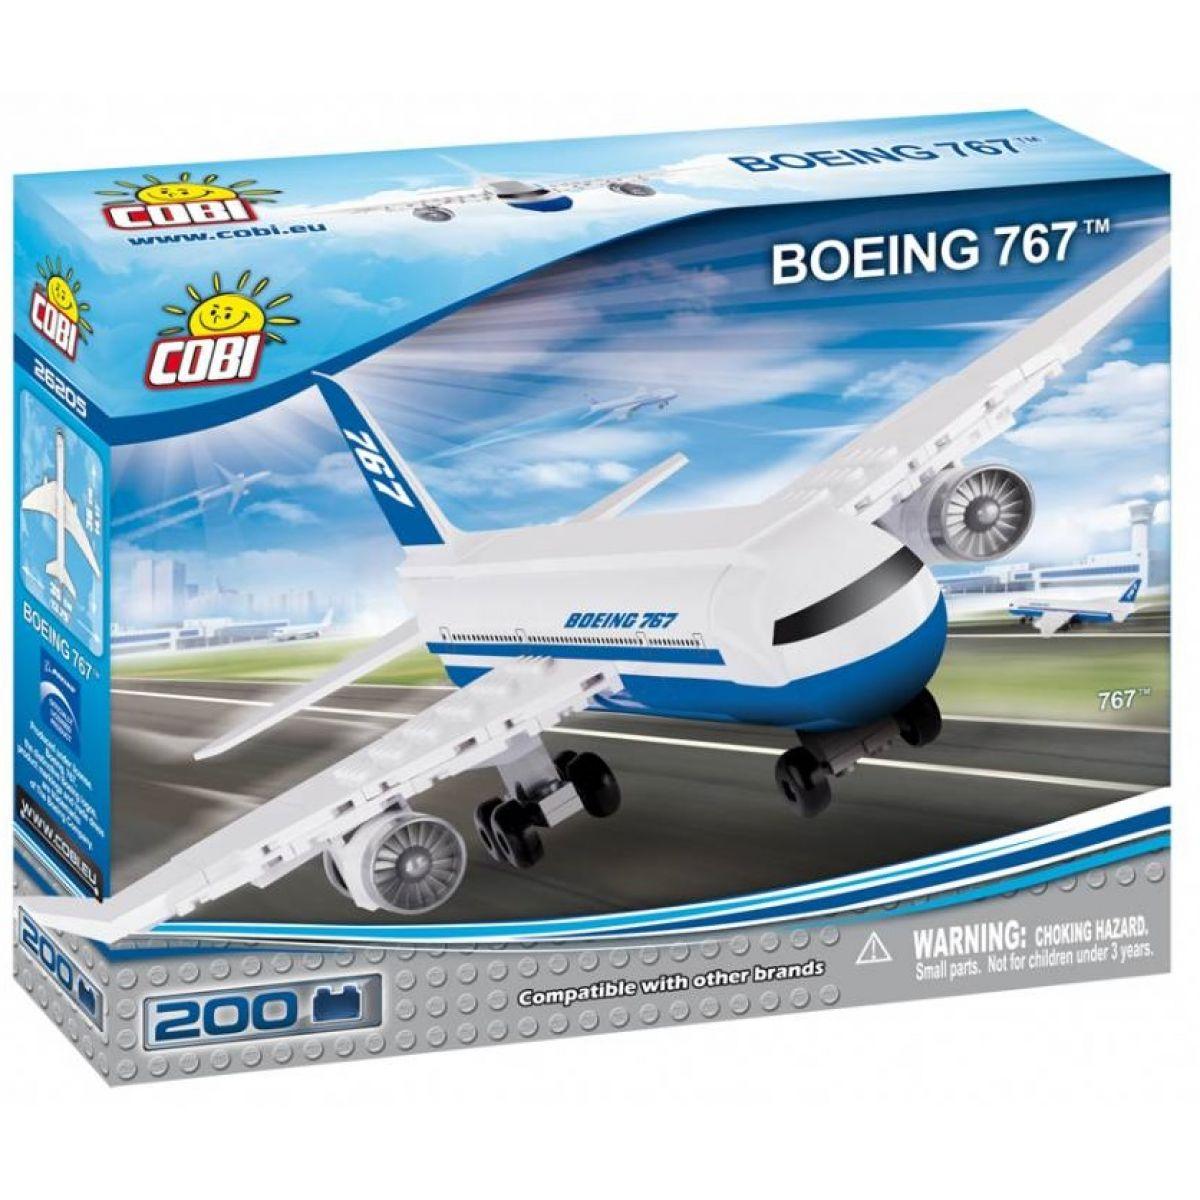 Cobi 26205 Boeing 767